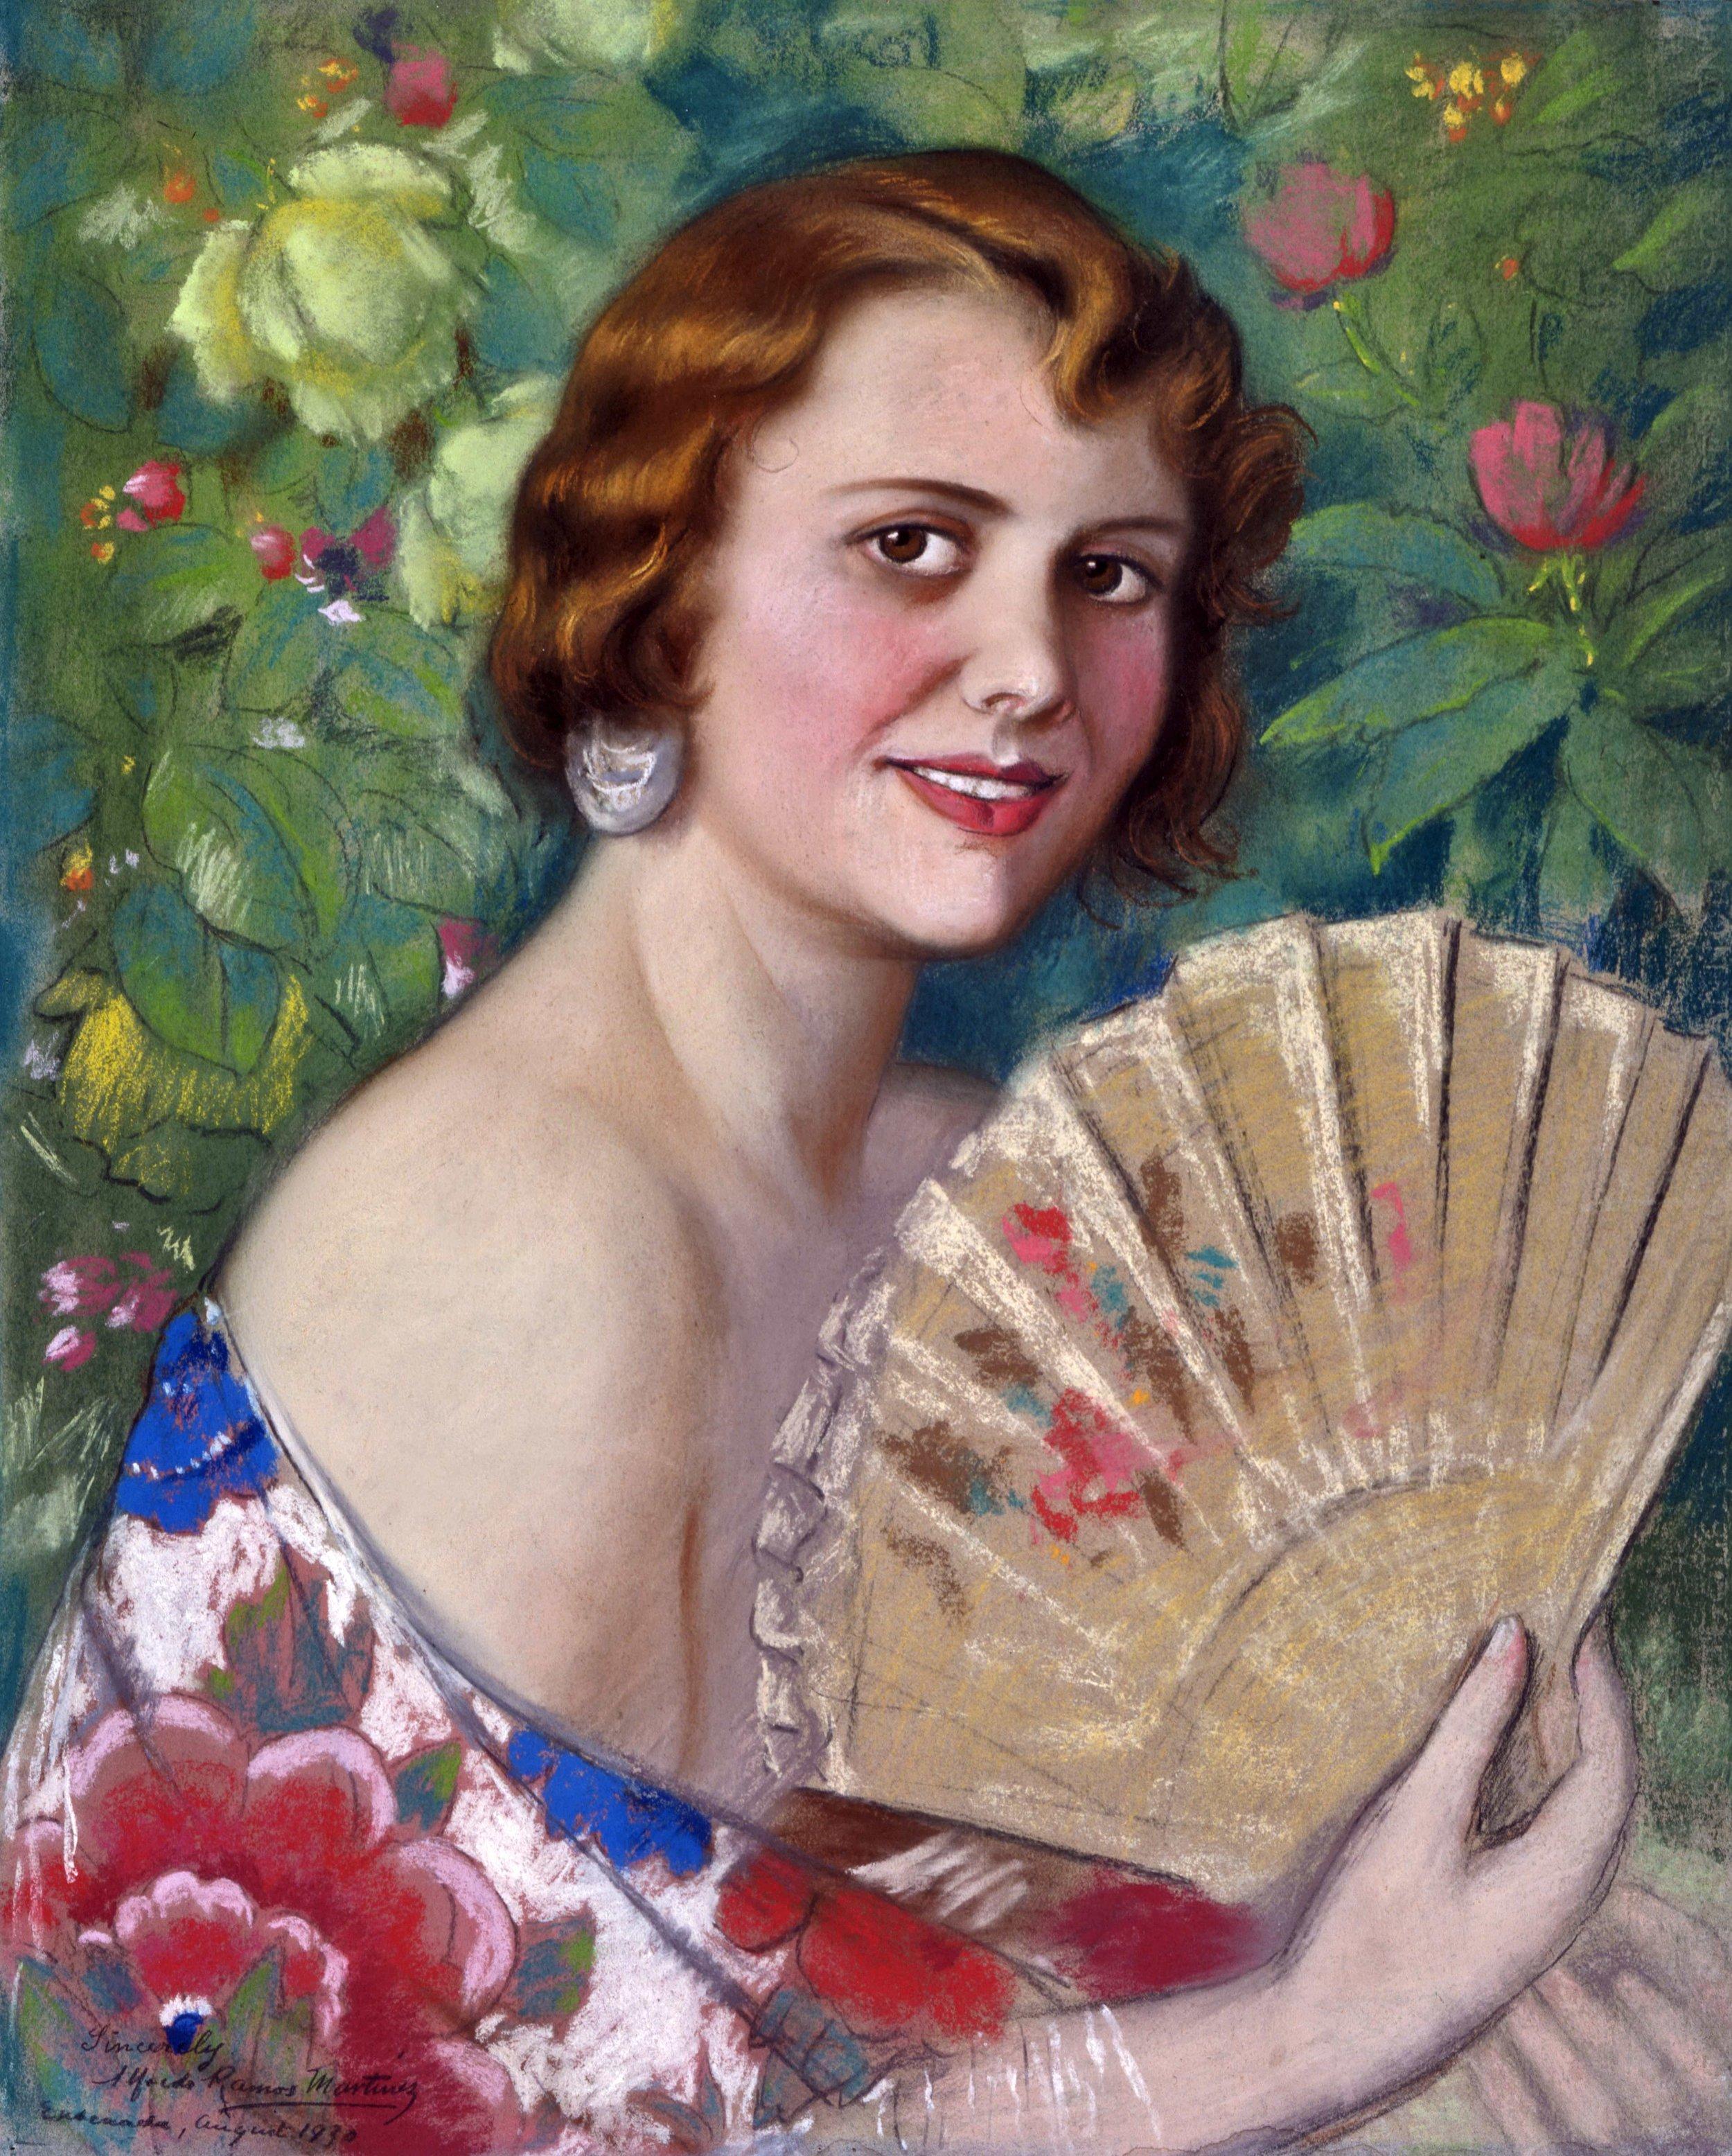 Marguerita en Flores  /Portrait of May C. Healy 1930 pastel on paper /pintura al pastel sobre papel 24 x 19.3 inches; 61 x 49 centímetros Private collection